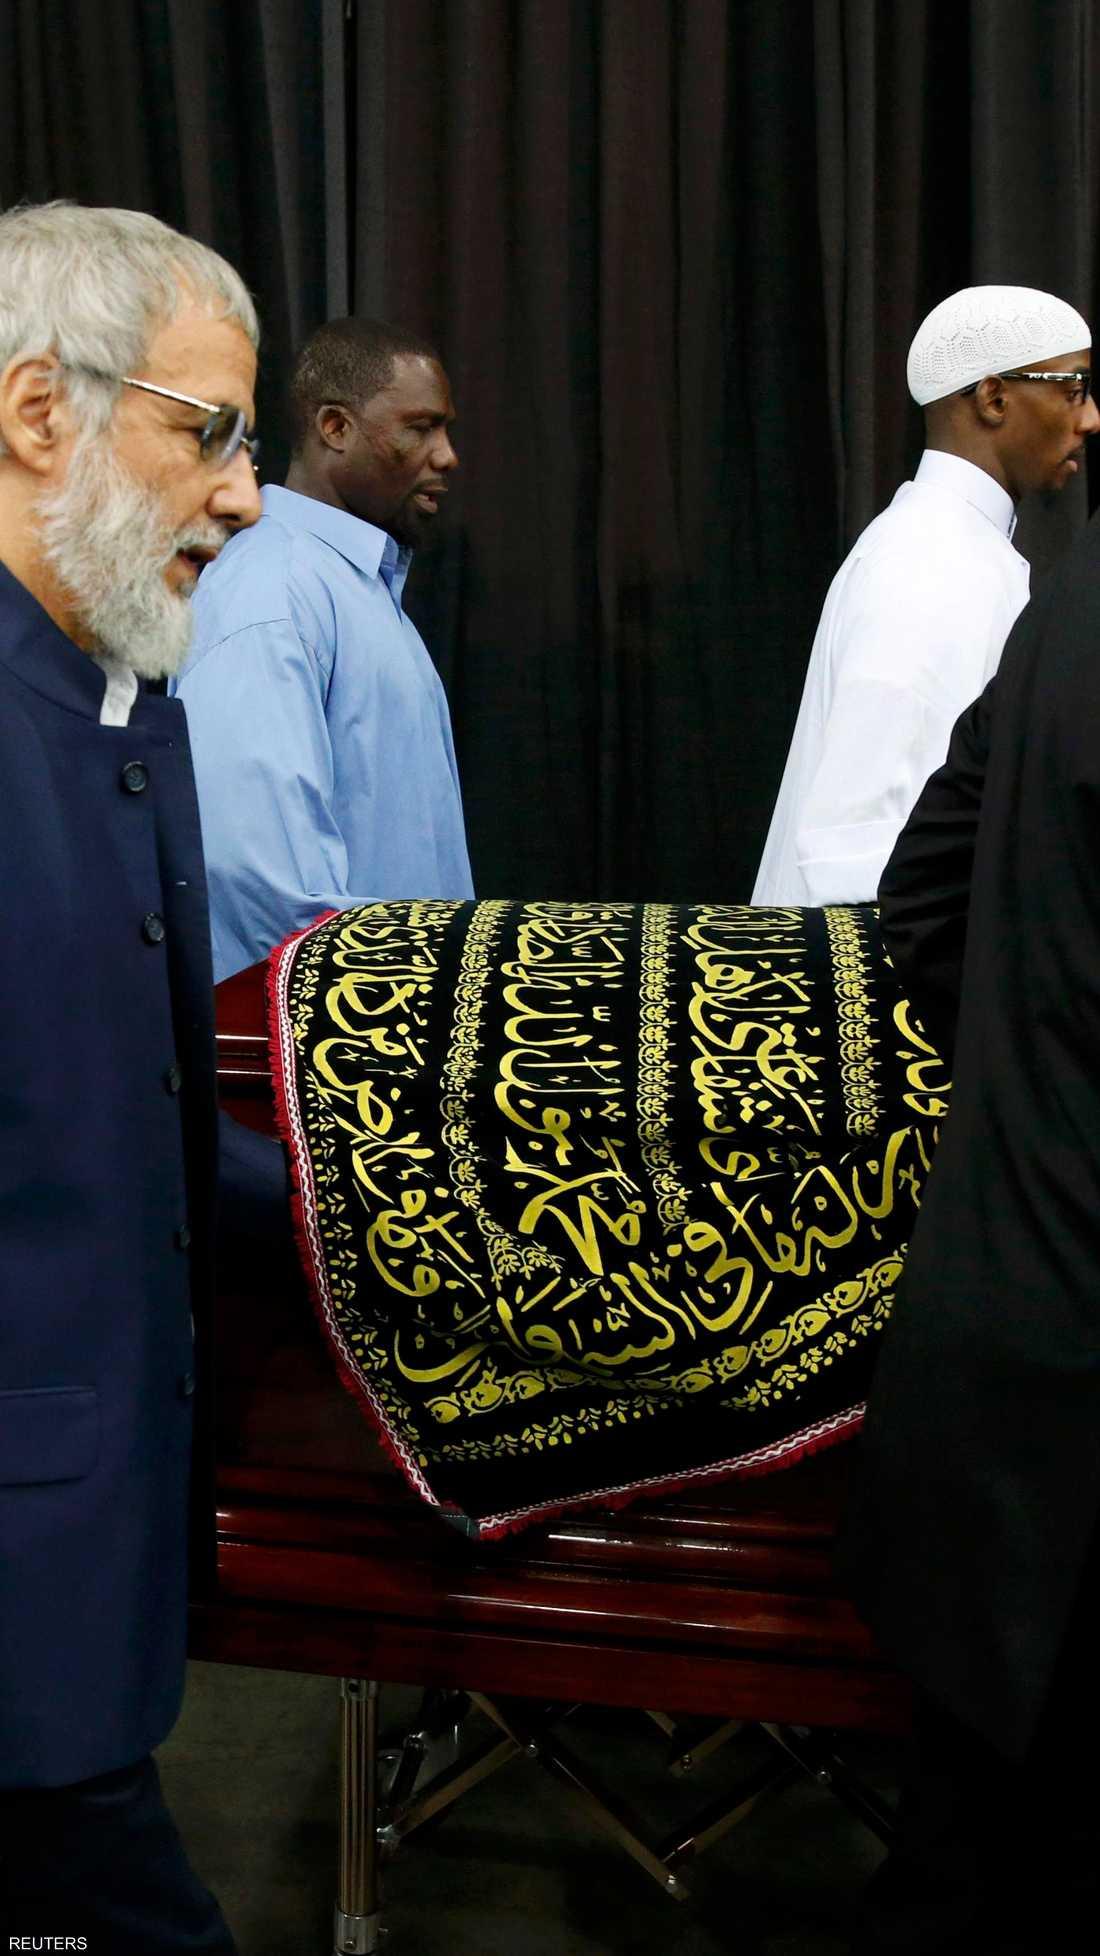 نعش محمد علي تزيّن بآيات قرآنية